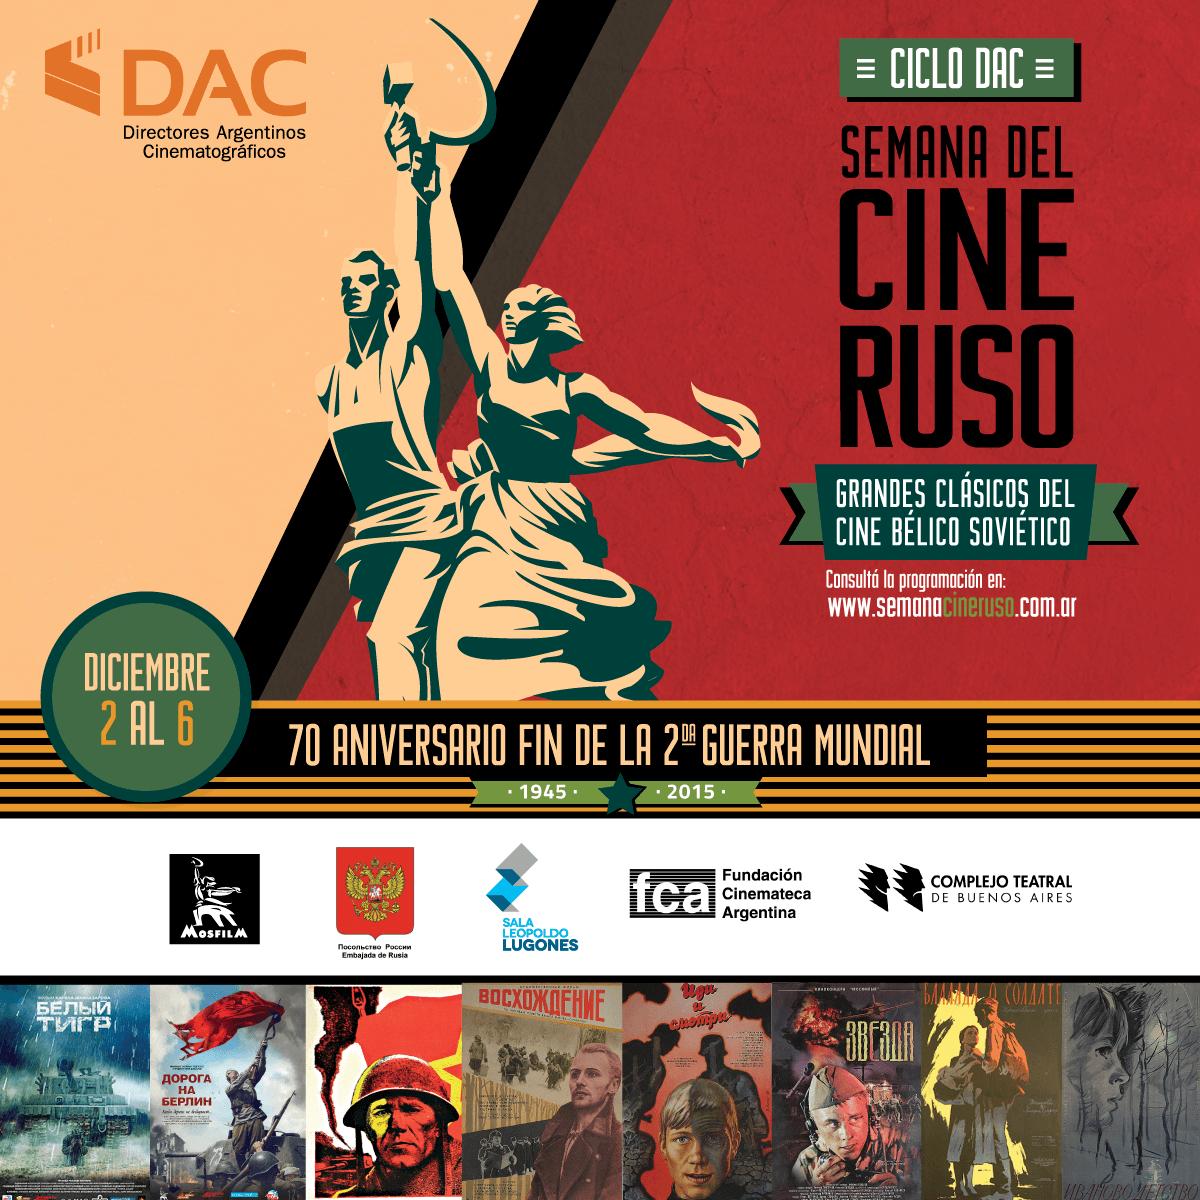 """Del 2 al 6 de Diciembre de 2015 en la Sala Lugones, DAC - Directores Argentinos Cinematográficos presenta: """"La semana de Cine Ruso - Grandes Clásicos del Cine Bélico Soviético""""."""